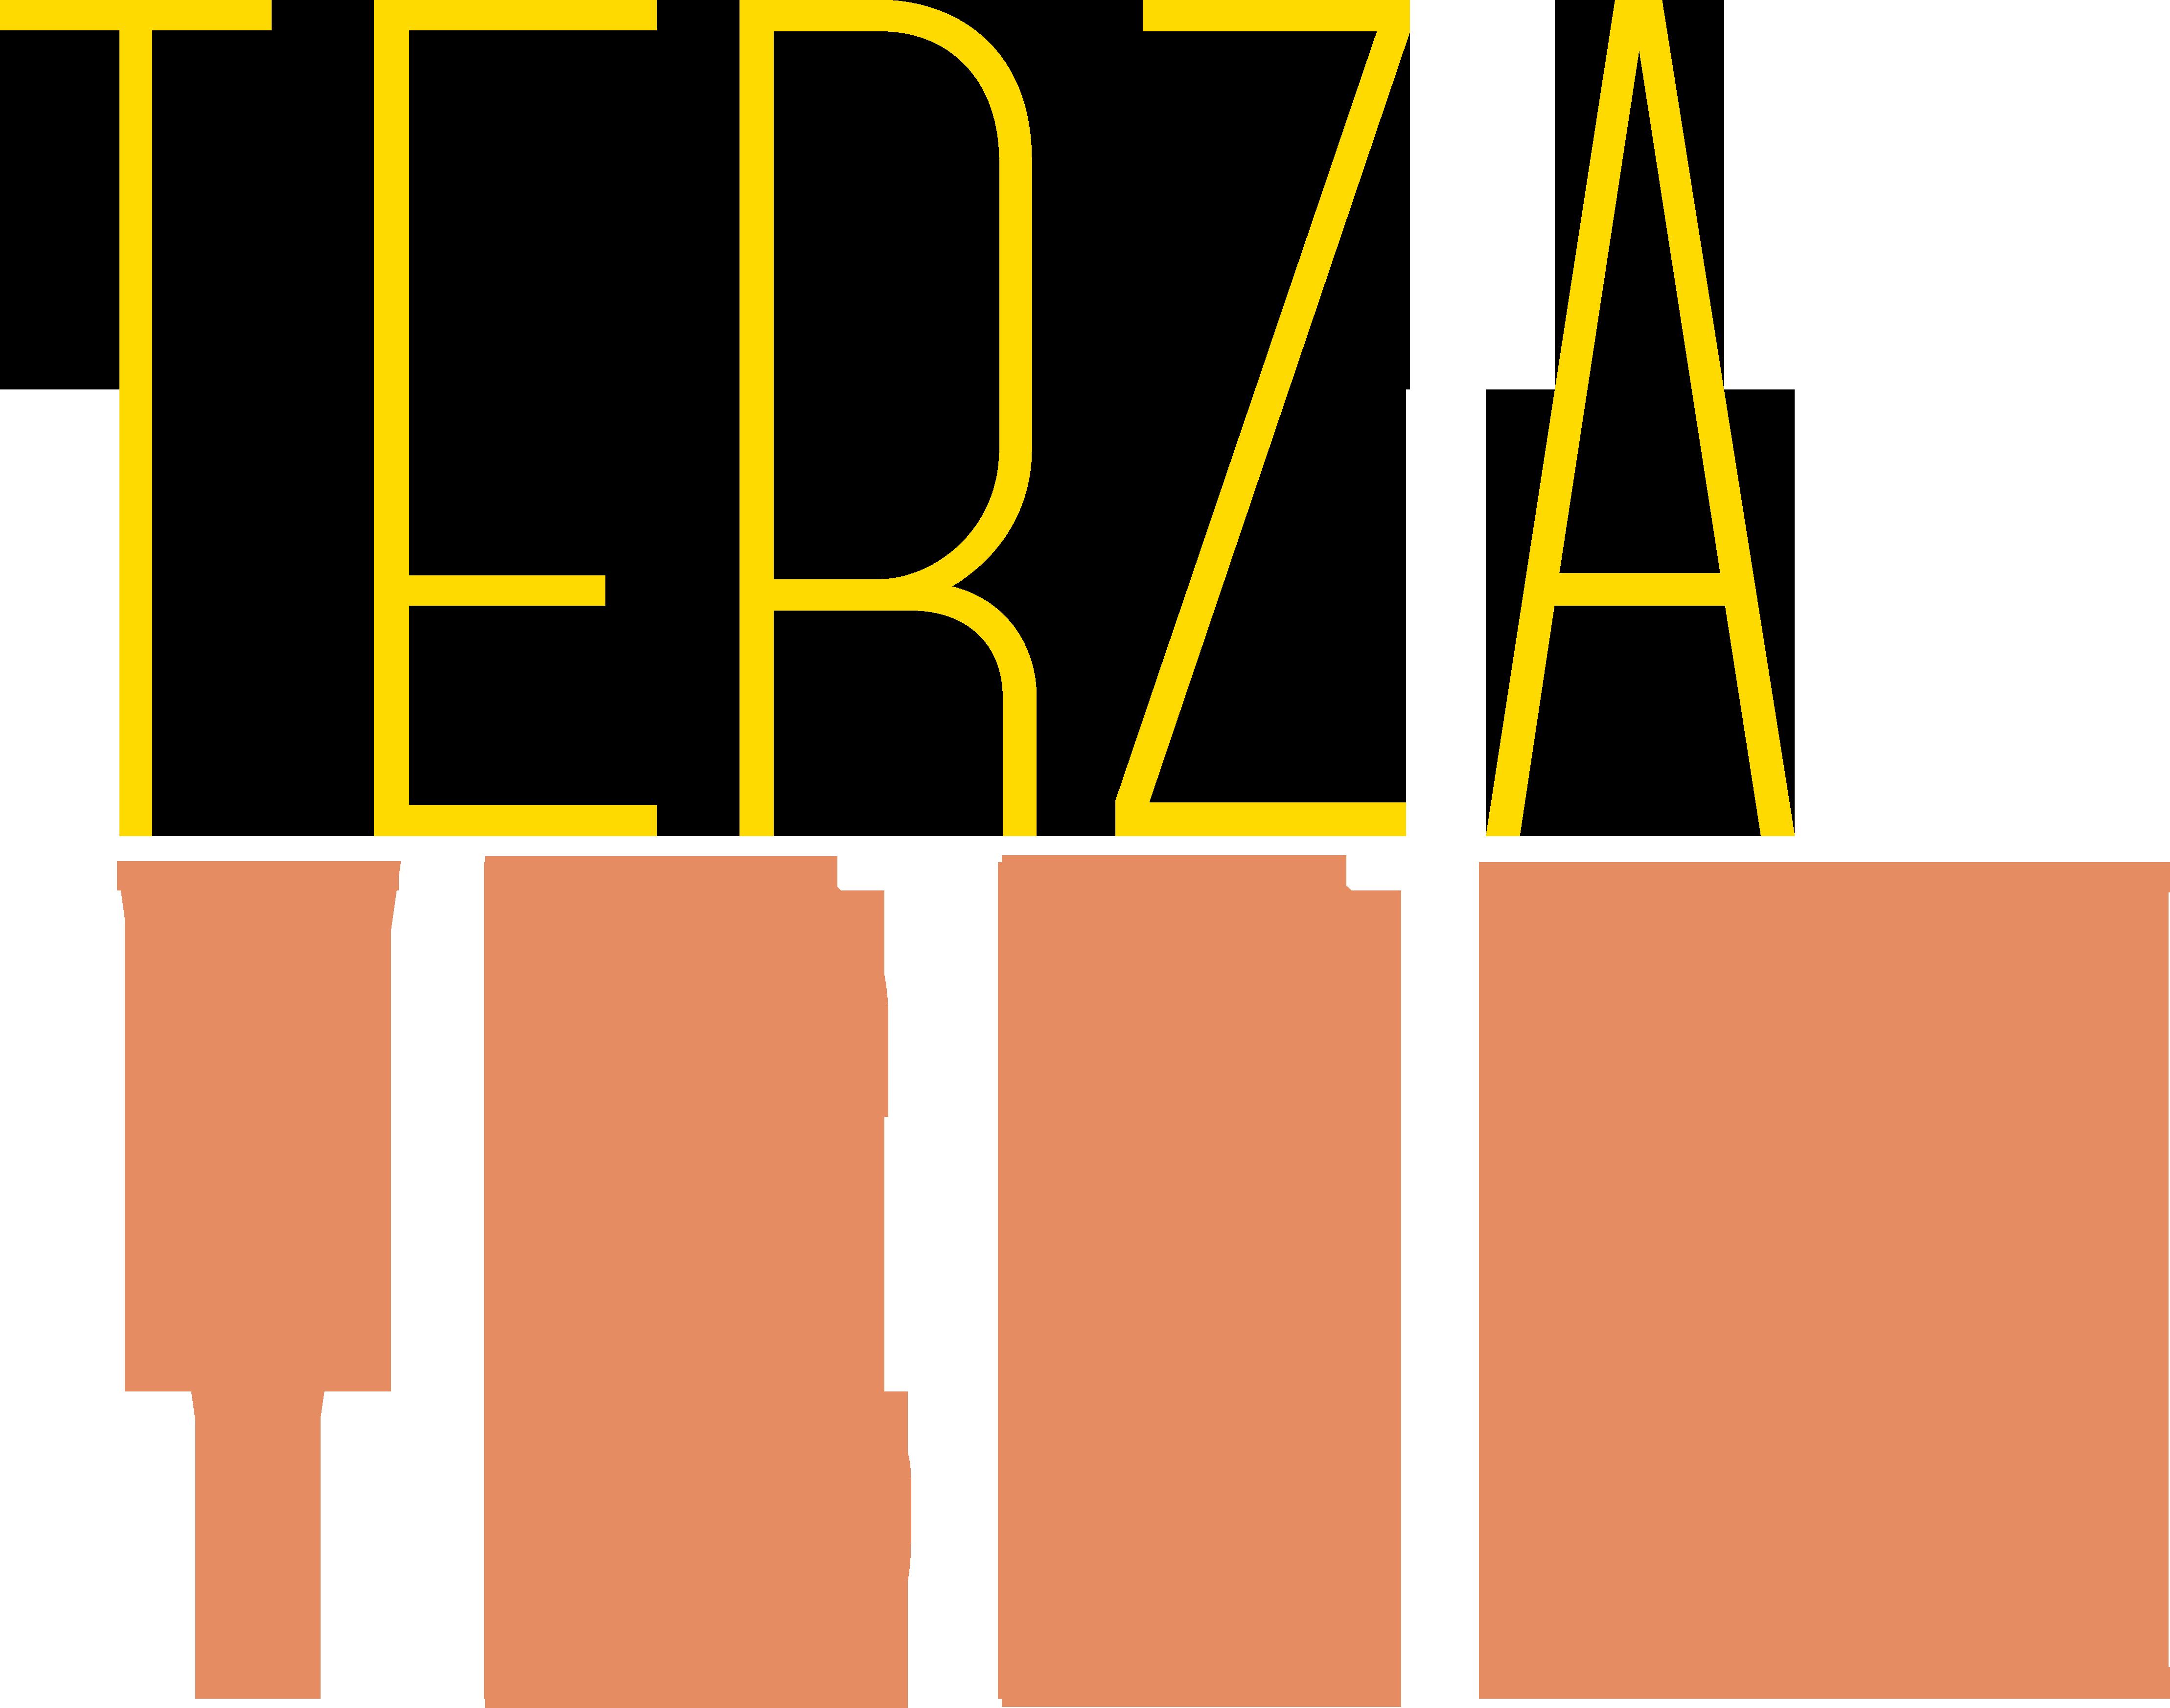 TerzaVisione – Festival des italienischen Genrefilms